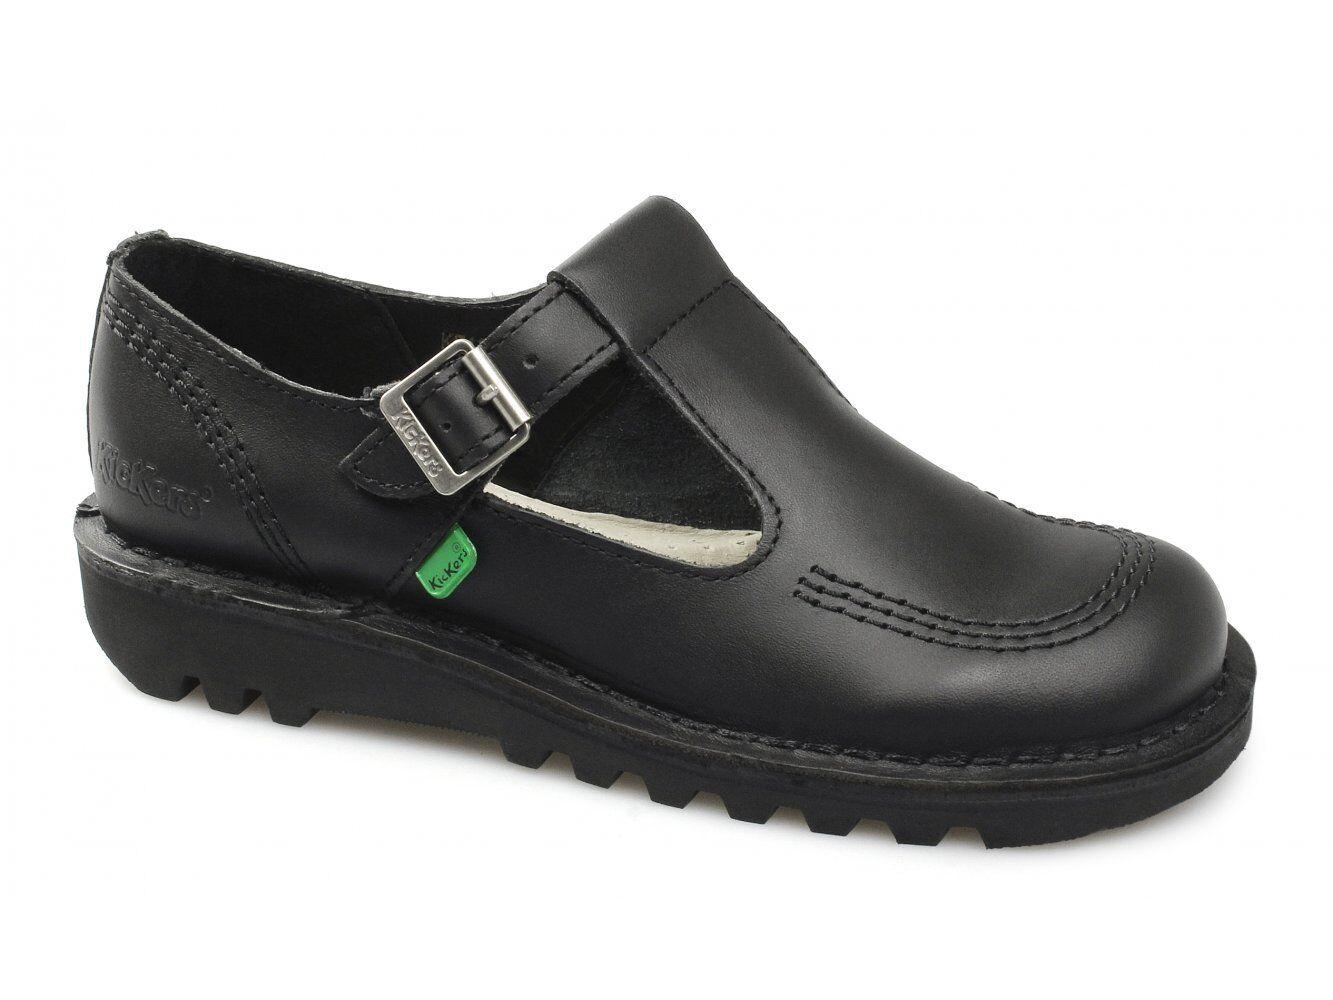 Kickers KICK LO AZTEC AZTEC AZTEC Ladies Womens Leather Buckle T-Bar Strap Comfy shoes Black 5e6dbb